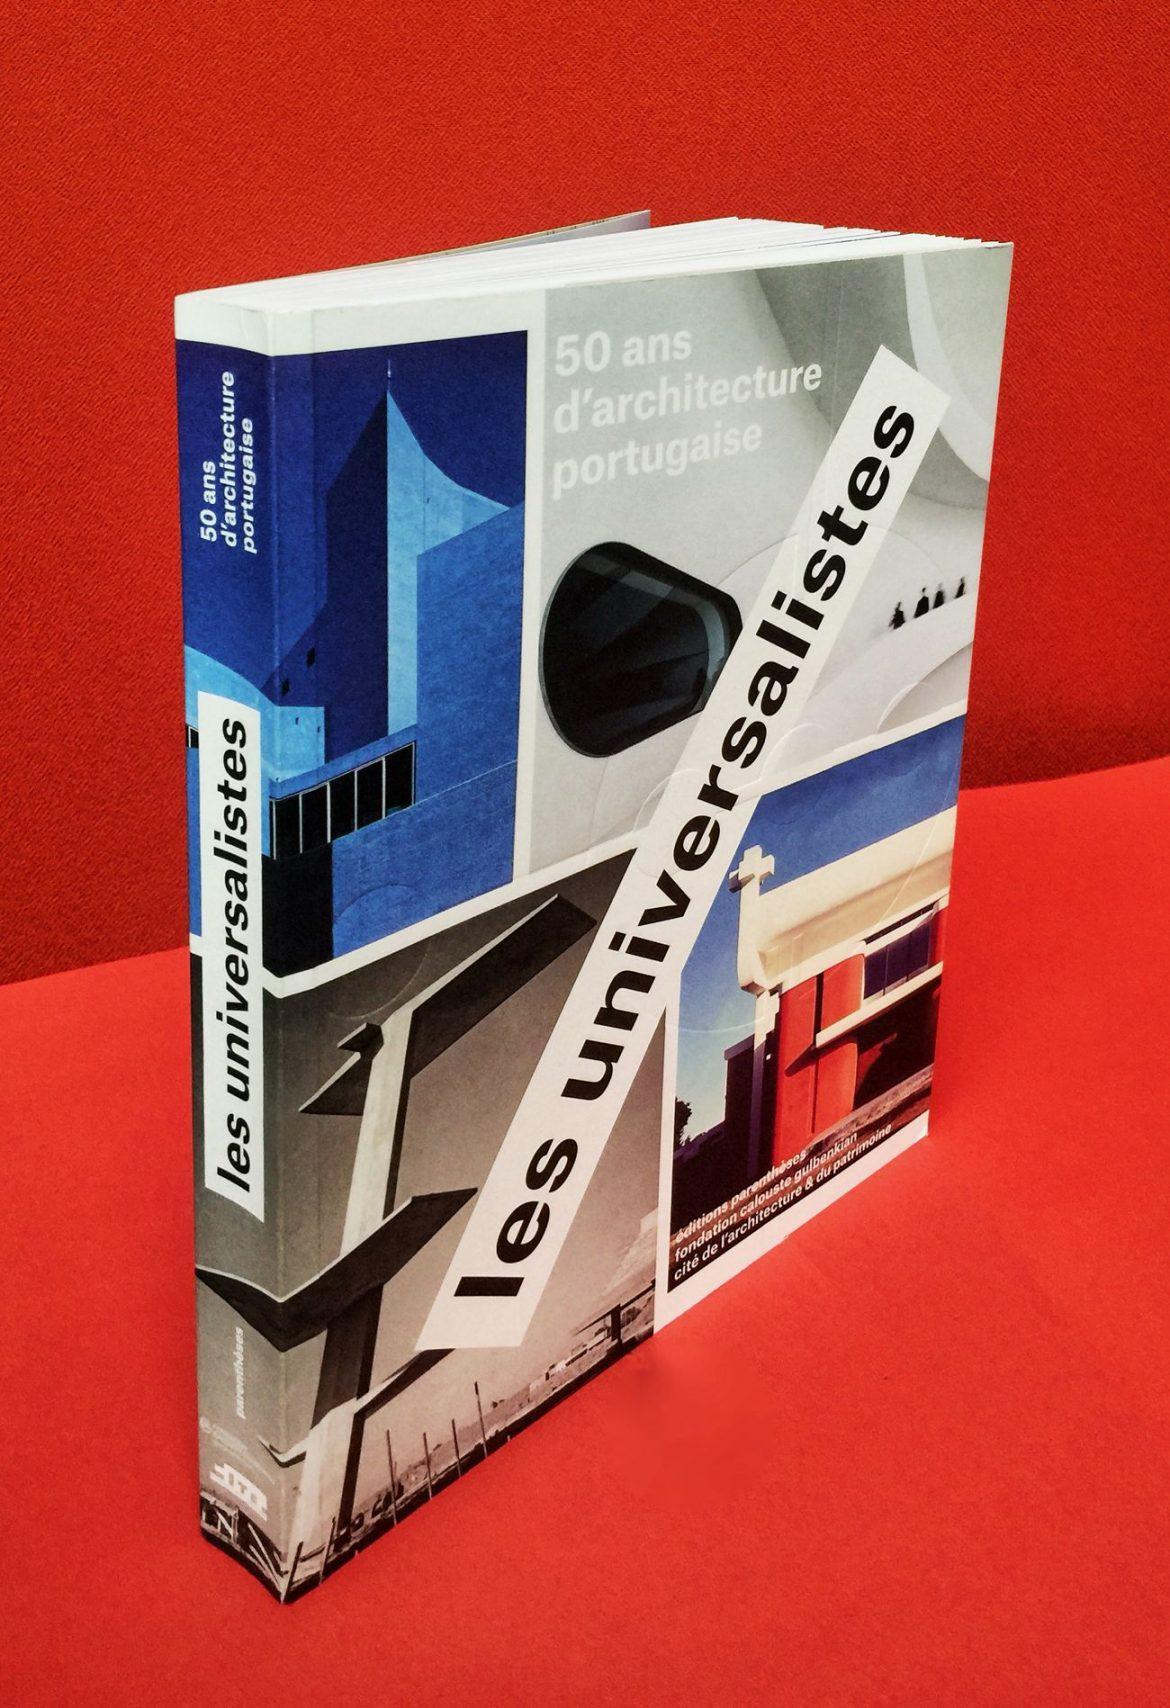 livre universalistes 1170x1708 - Les Universalistes : Jubilé pour l'architecture portugaise